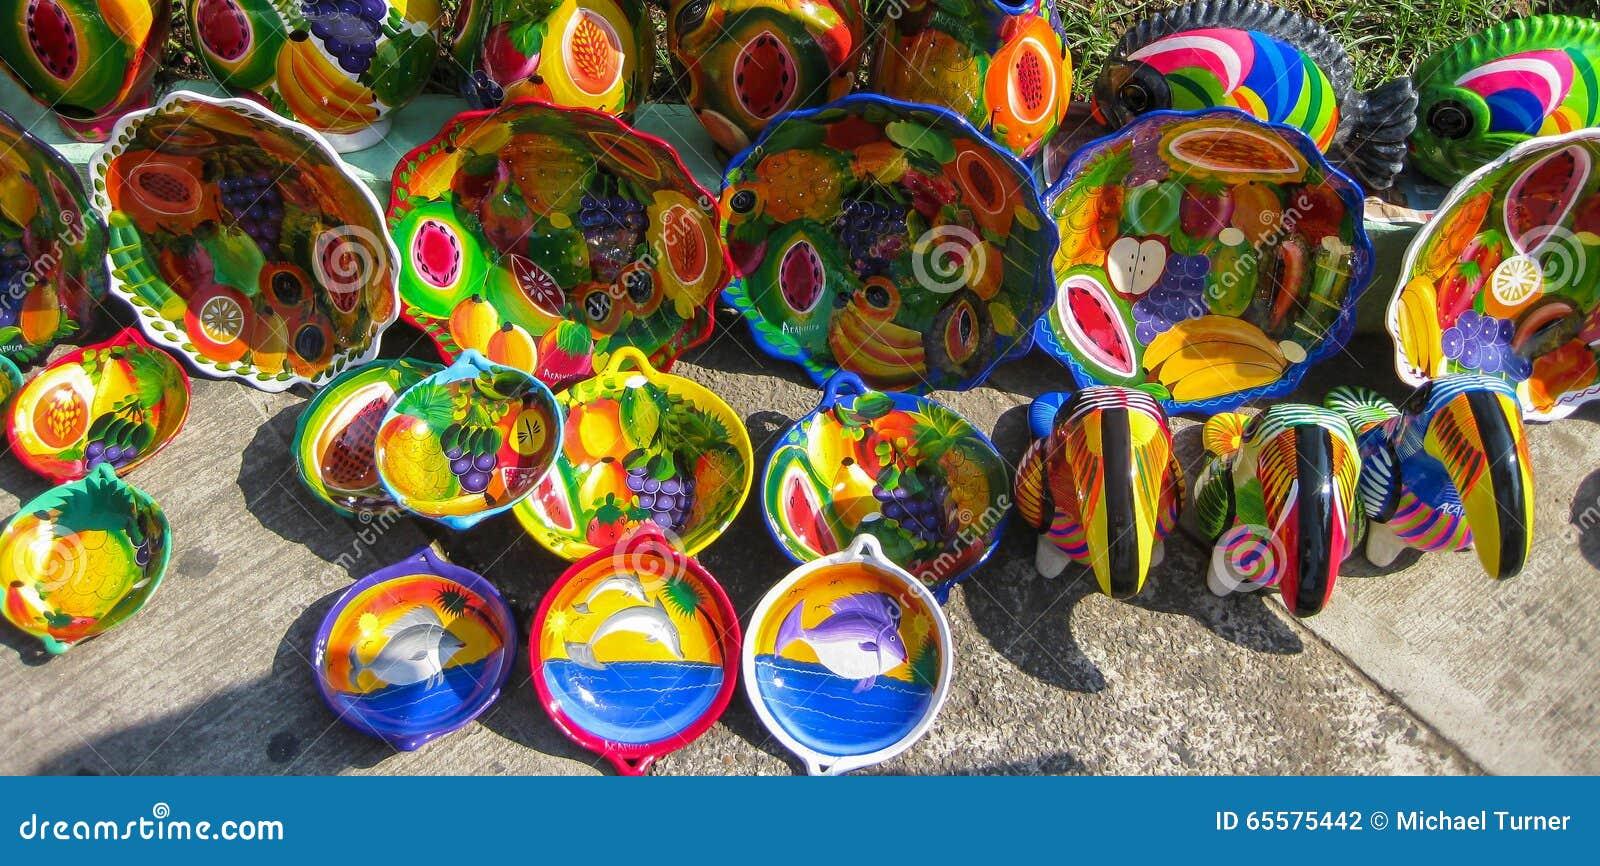 Artesanatos mexicanos coloridos